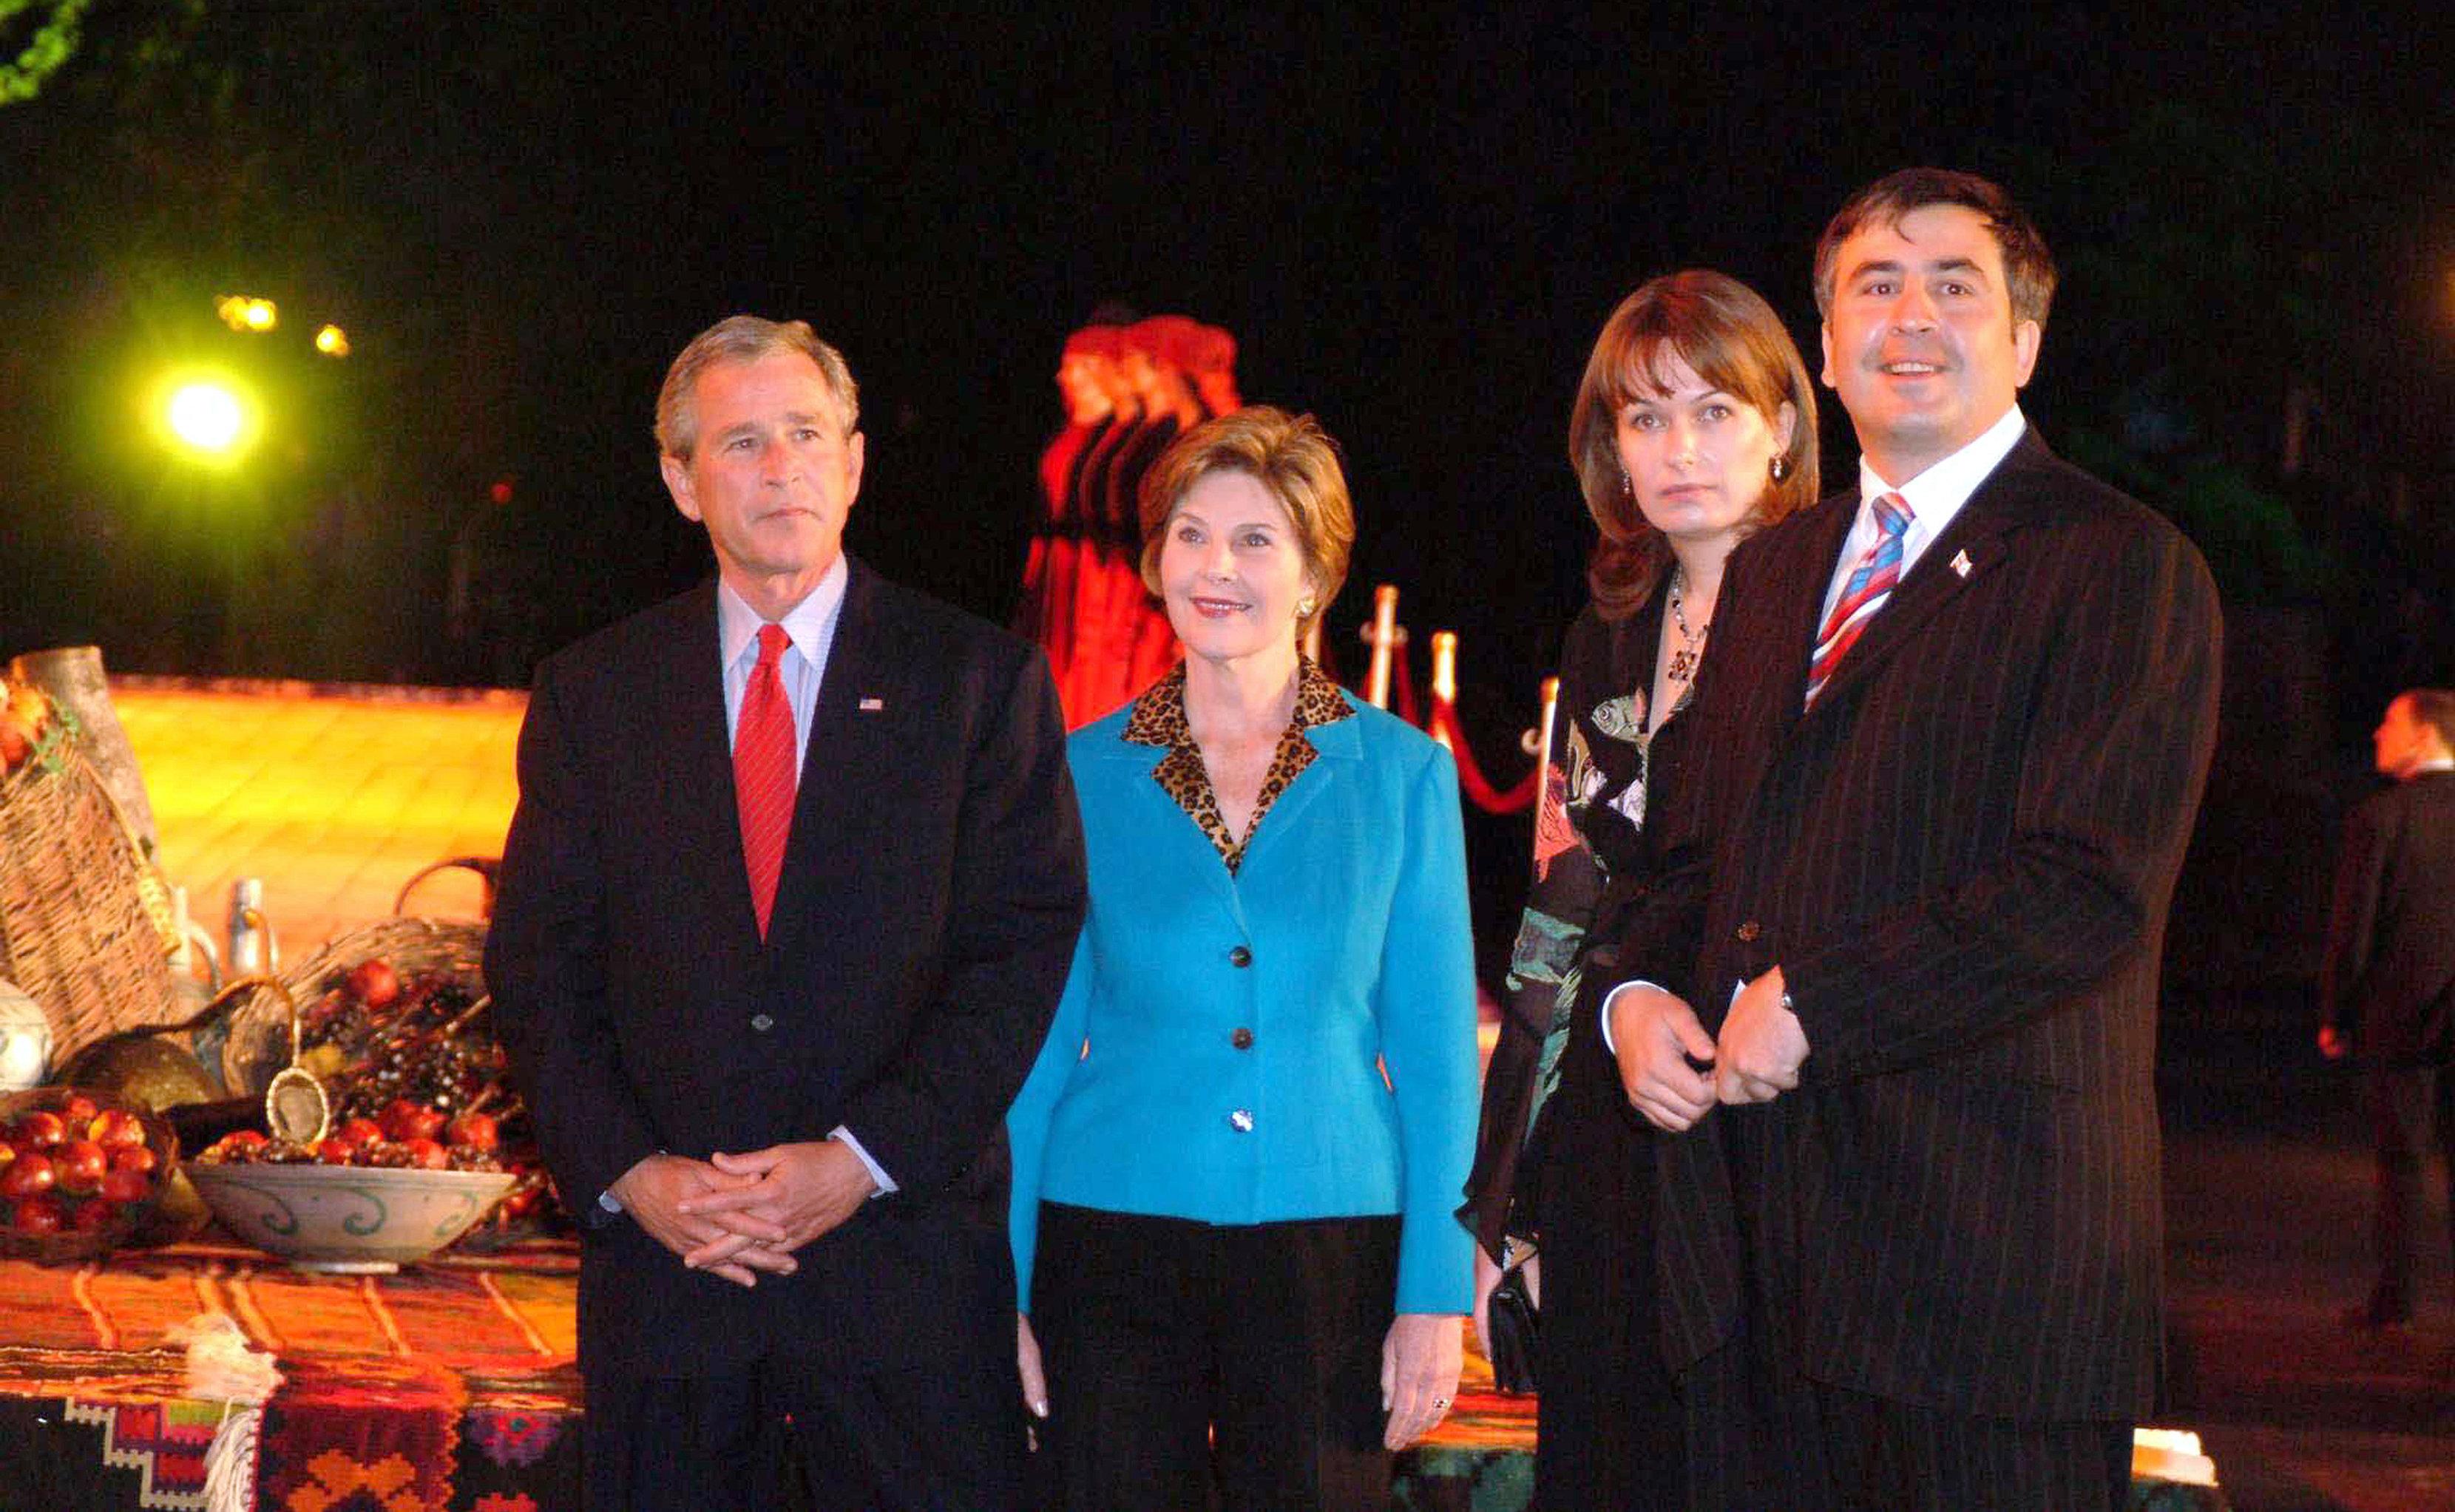 Президент США Джордж Буш с супругой Лорой и президент Грузии Михаил Саакашвили с супругой Сандрой (слева направо) во время визита Джорджа Буша в Грузию